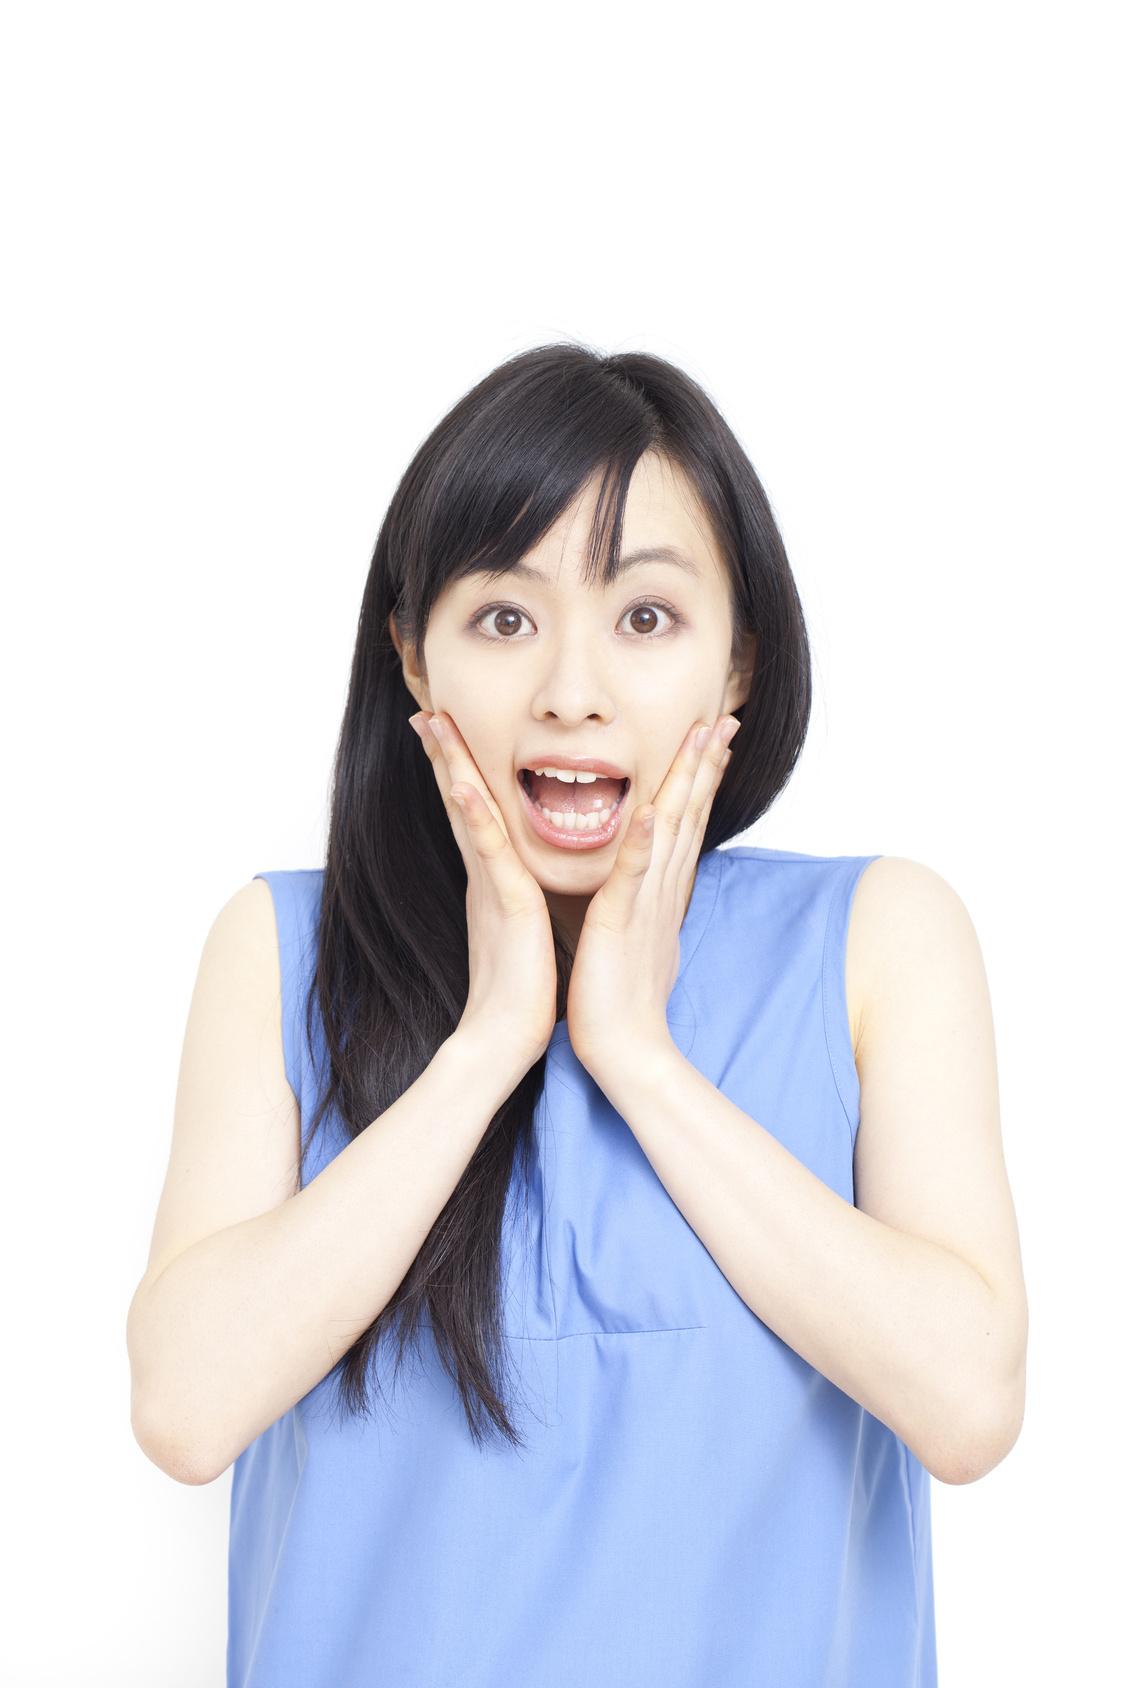 産毛の自己処理で引き起こるトラブル